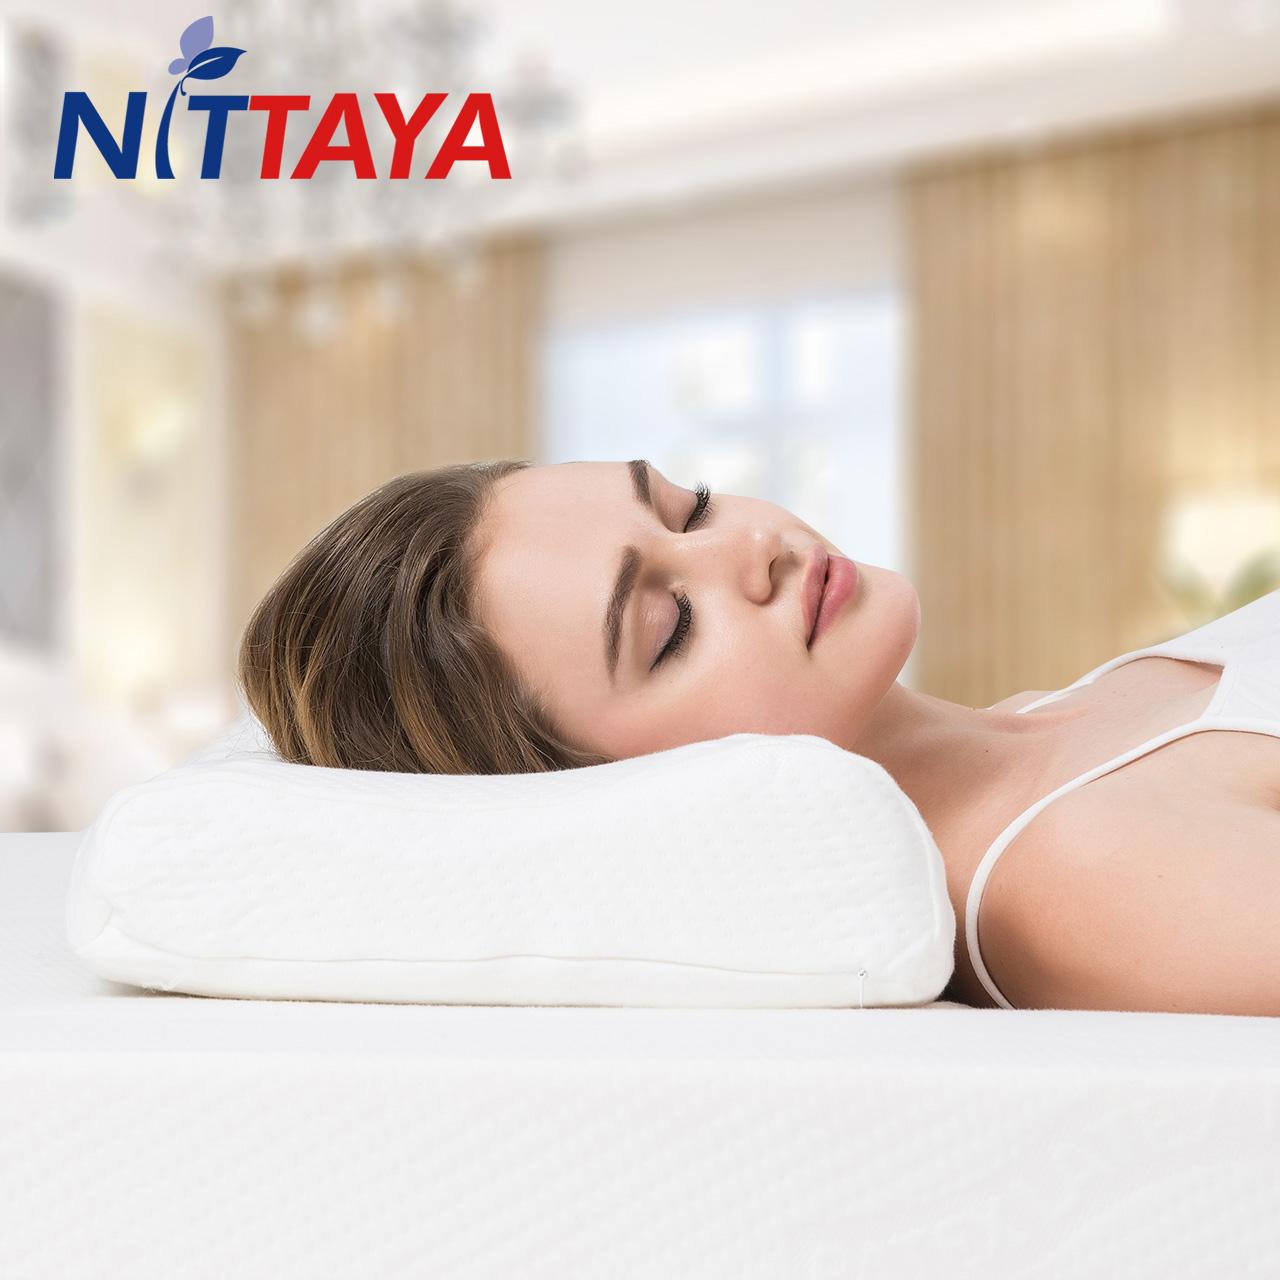 Nittaya泰国进口天然皇家乳胶枕头颈椎枕护颈枕保健午睡防螨枕头B